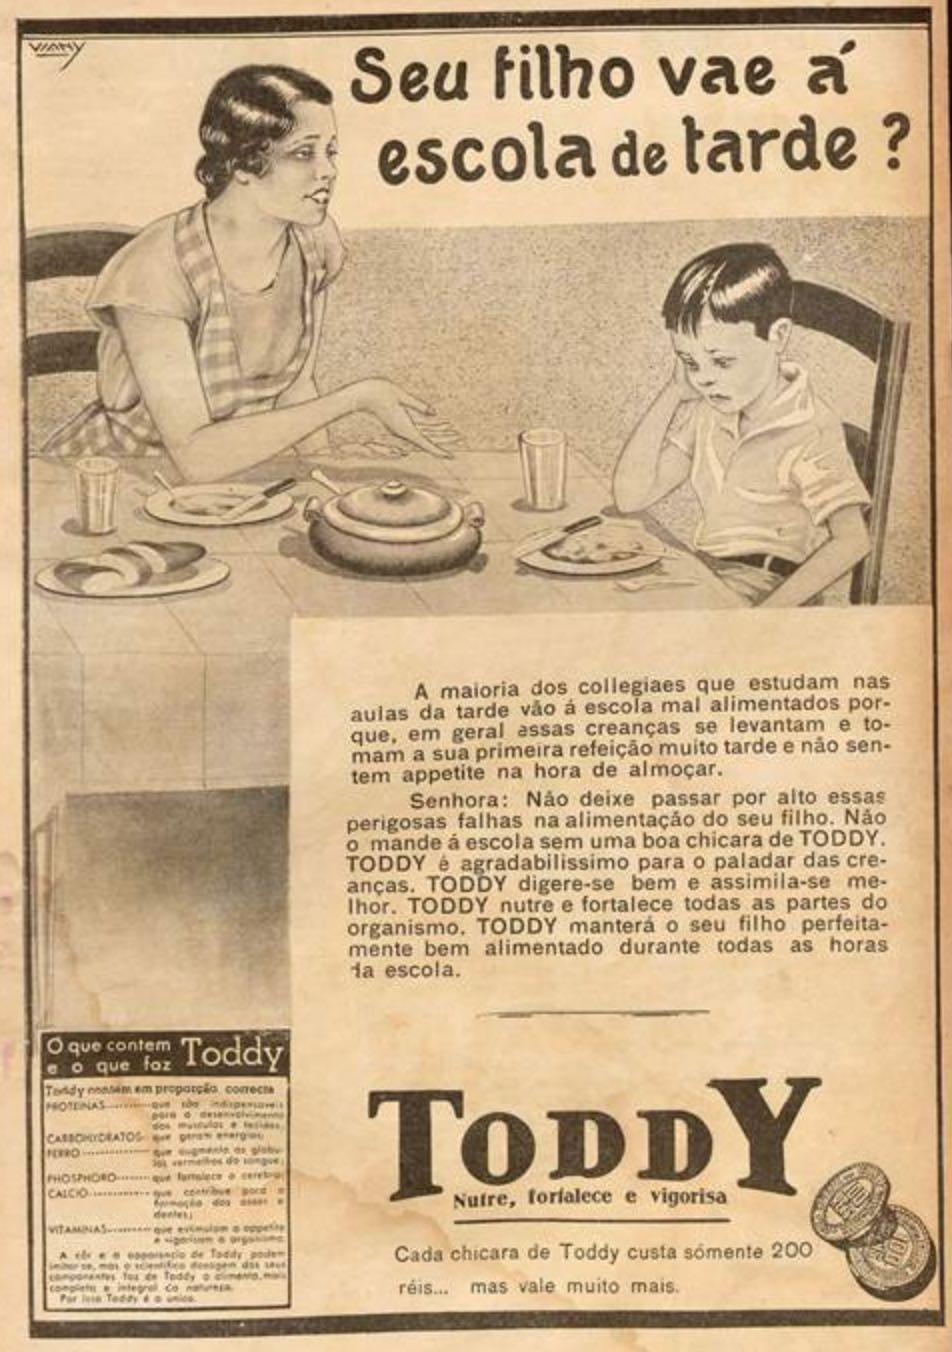 Anúncio antigo do achocolatado Toddy para a saúde das crianças em 1934